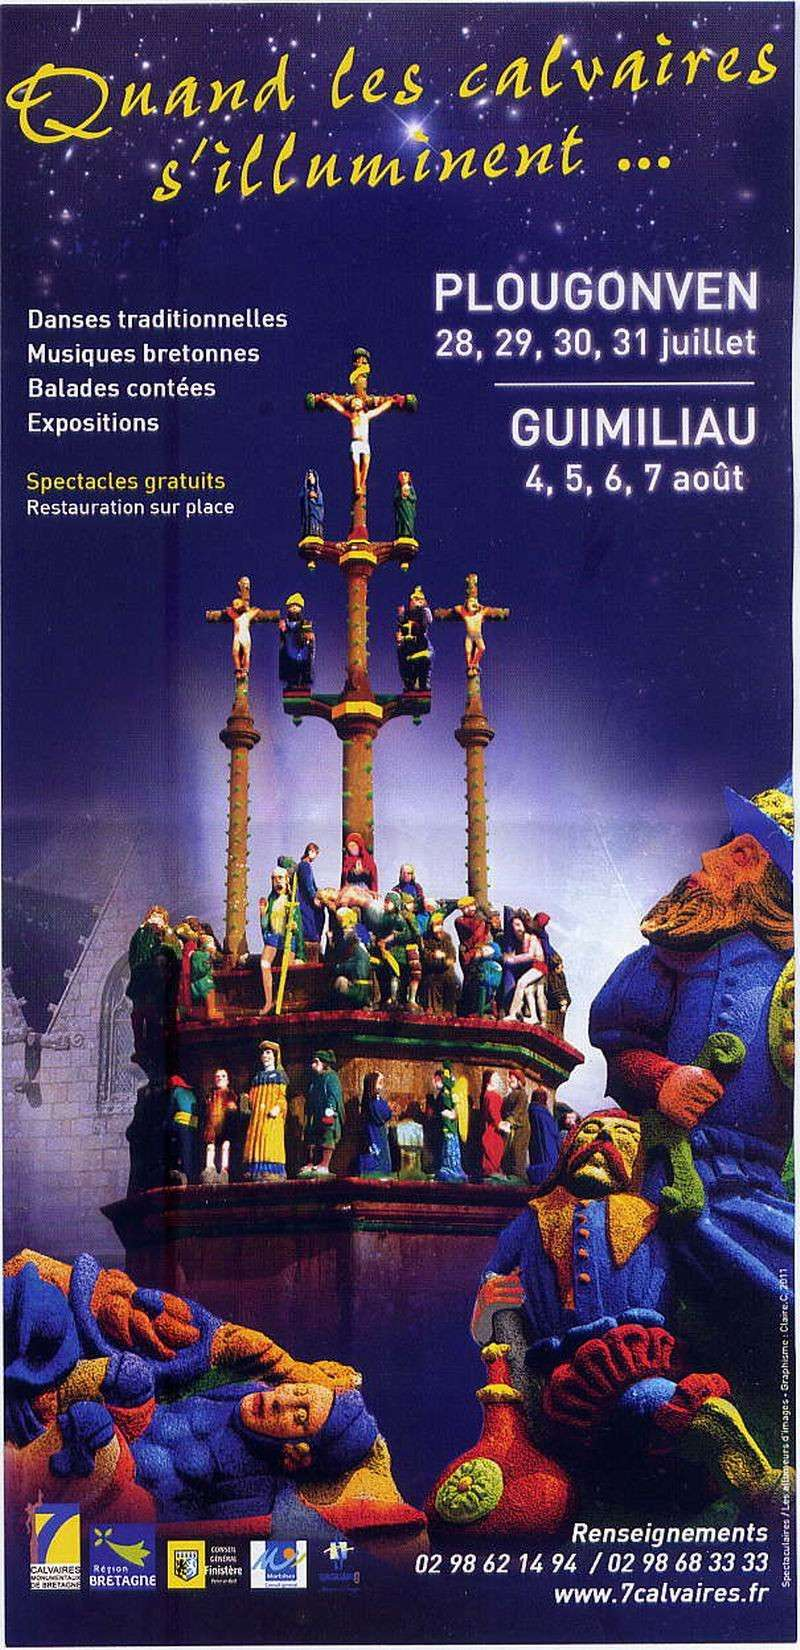 Quand les calvaires s'illuminent ... à Plougonven et Guimiliau (2011), à Plougastel et Saint Thégonnec (2012), à Tronoën et Guéhenno (2013) File0030